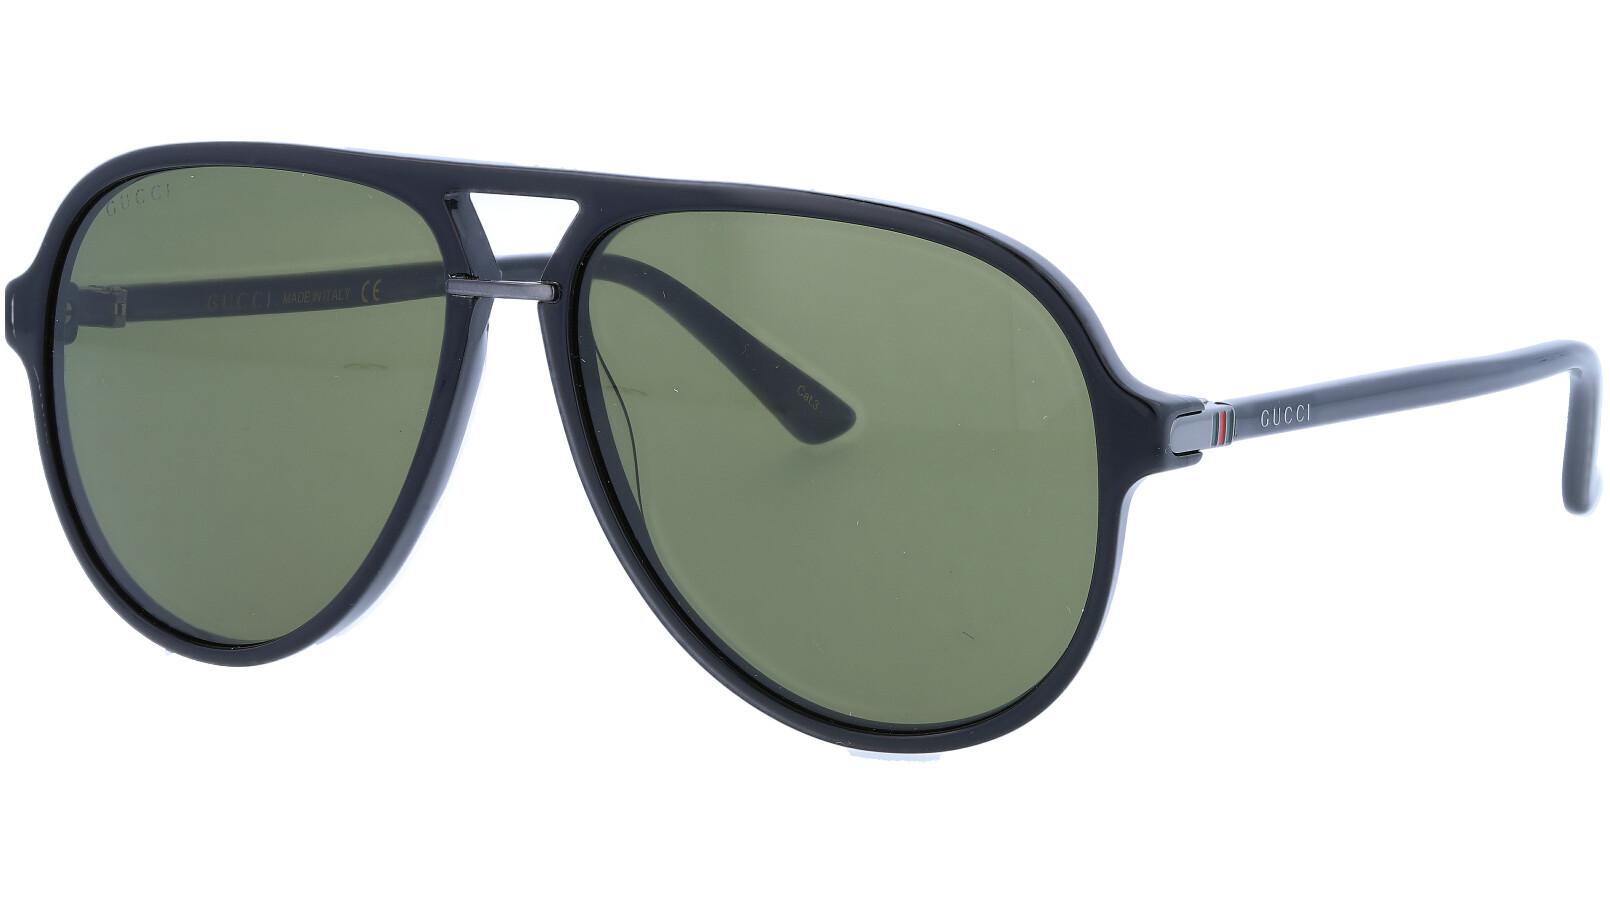 GUCCI GG0015S 002 58 AVANA Sunglasses